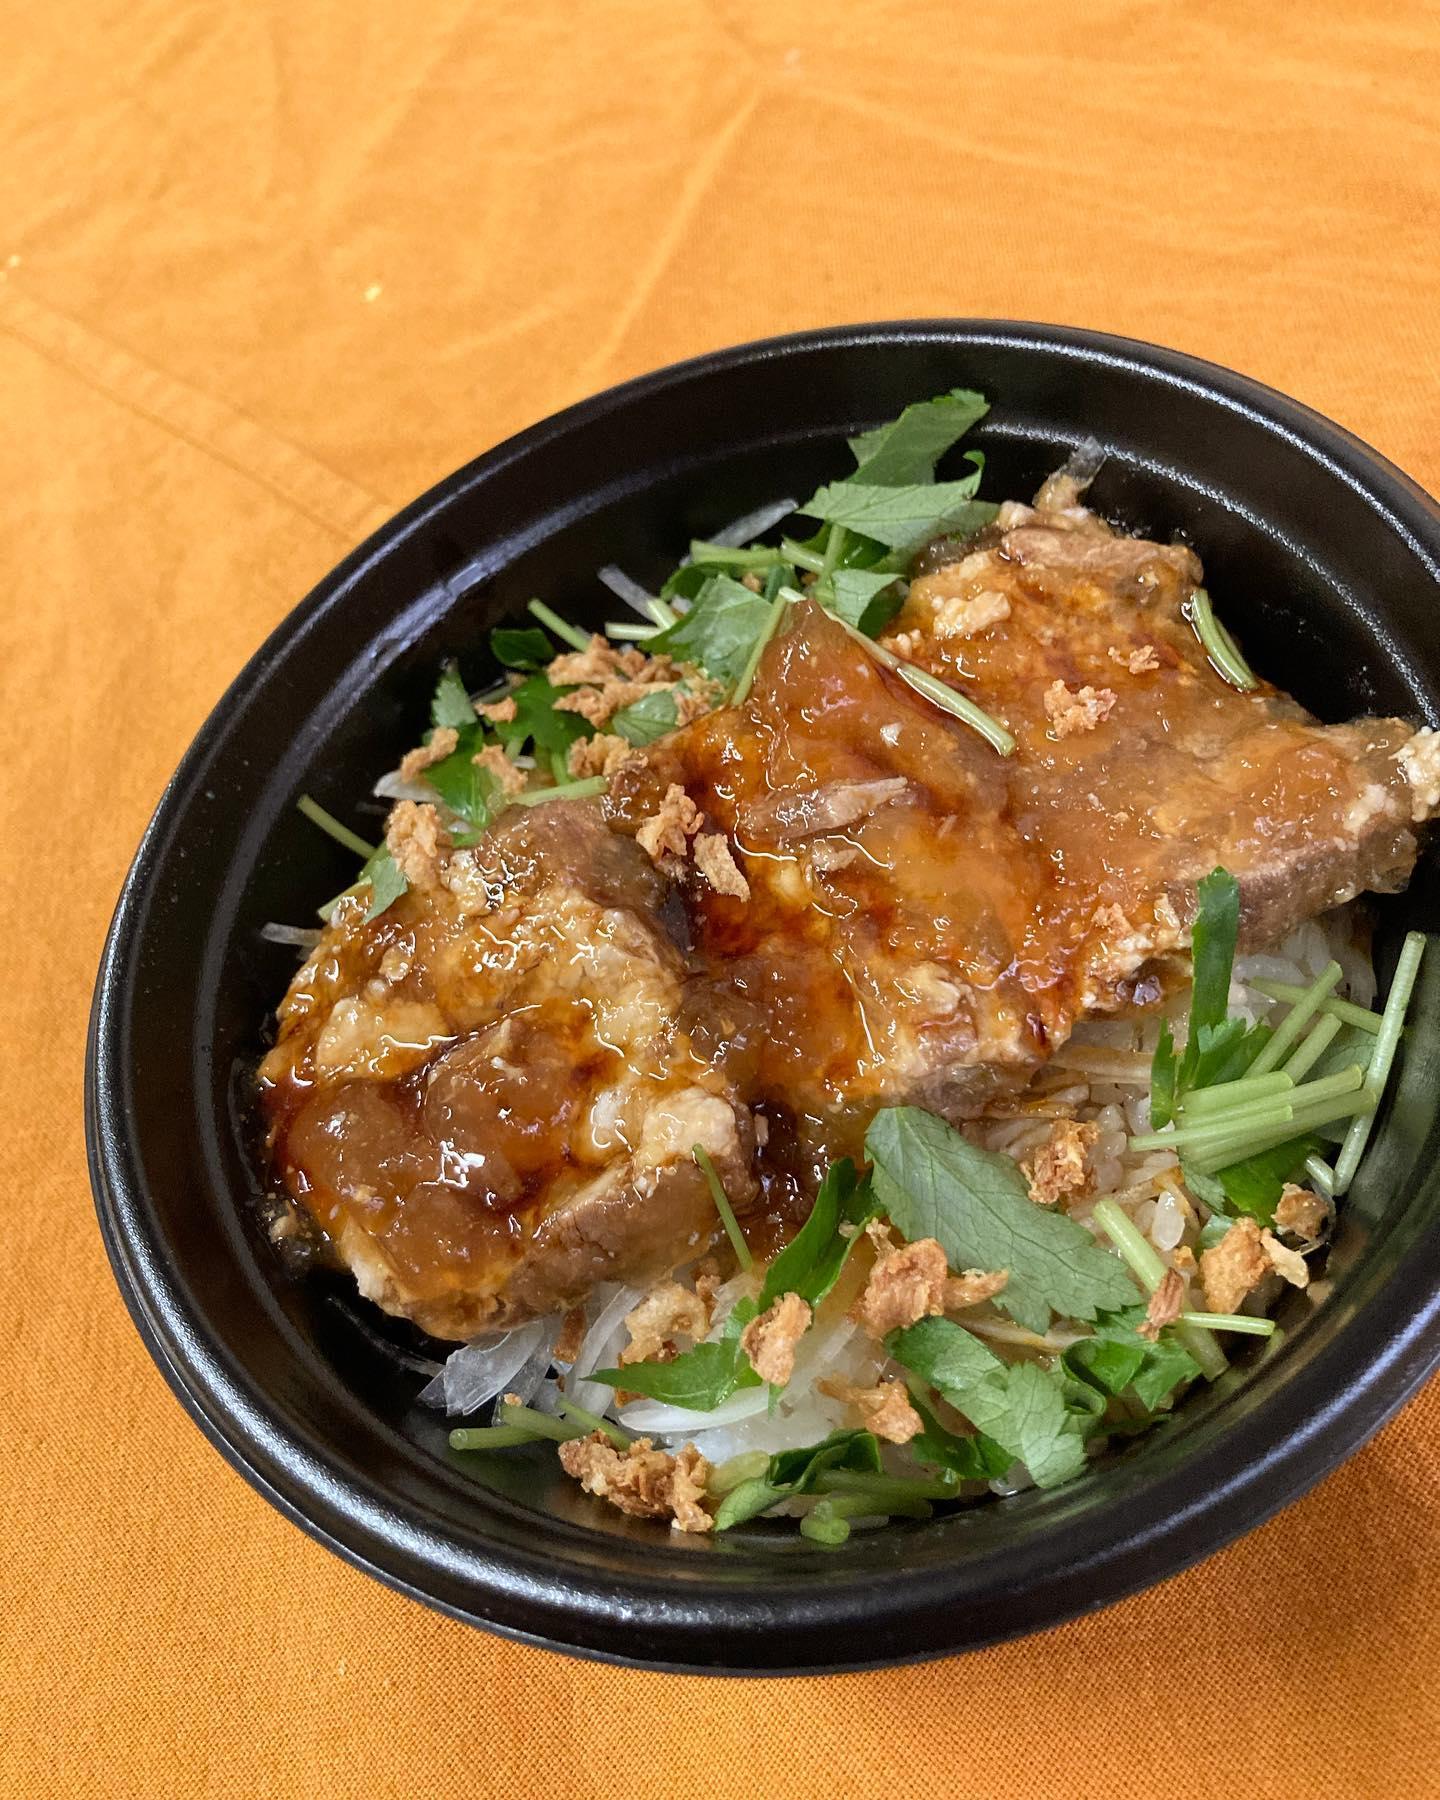 [おはしどころ菜でしこ] 〜豚なんこつのトロトロ煮ごはん〜   トロトロ角煮のつゆだく丼🤤 (テイクアウト限定)   トロトロしてるのは 脂身でなく、コラーゲンですよー    小サイズ(ごはん150g)・・690円(+8%)  中サイズ(ごはん220g)・・790円(+8%)  大サイズ(ごはん300g)・・890円(+8%)      (+肉増量)  和食店のお味噌汁  ・・290円(+8%) ミニサラダ     ・・290円(+8%)   ※写真は大サイズです。  ※1日限定10食です。  前もってのご予約いただけると助かります。    【埼玉県本庄駅徒歩30秒】 【月曜日定休】 【17:00〜20:00】 【17:00前のご来店は予約のみで可】 【お昼の和食コース有り🥢】 【インスタのメッセージ問合せ】    #本庄 #本庄和食 #本庄居酒屋 #ほんじょうテイクアウト #本庄海鮮居酒屋 #本庄一人飲み #本庄女子一人飲み #本庄グルメ #本庄ディナー #グルメ好きと繋がりたい #インスタ映え  #本庄駅テイクアウト